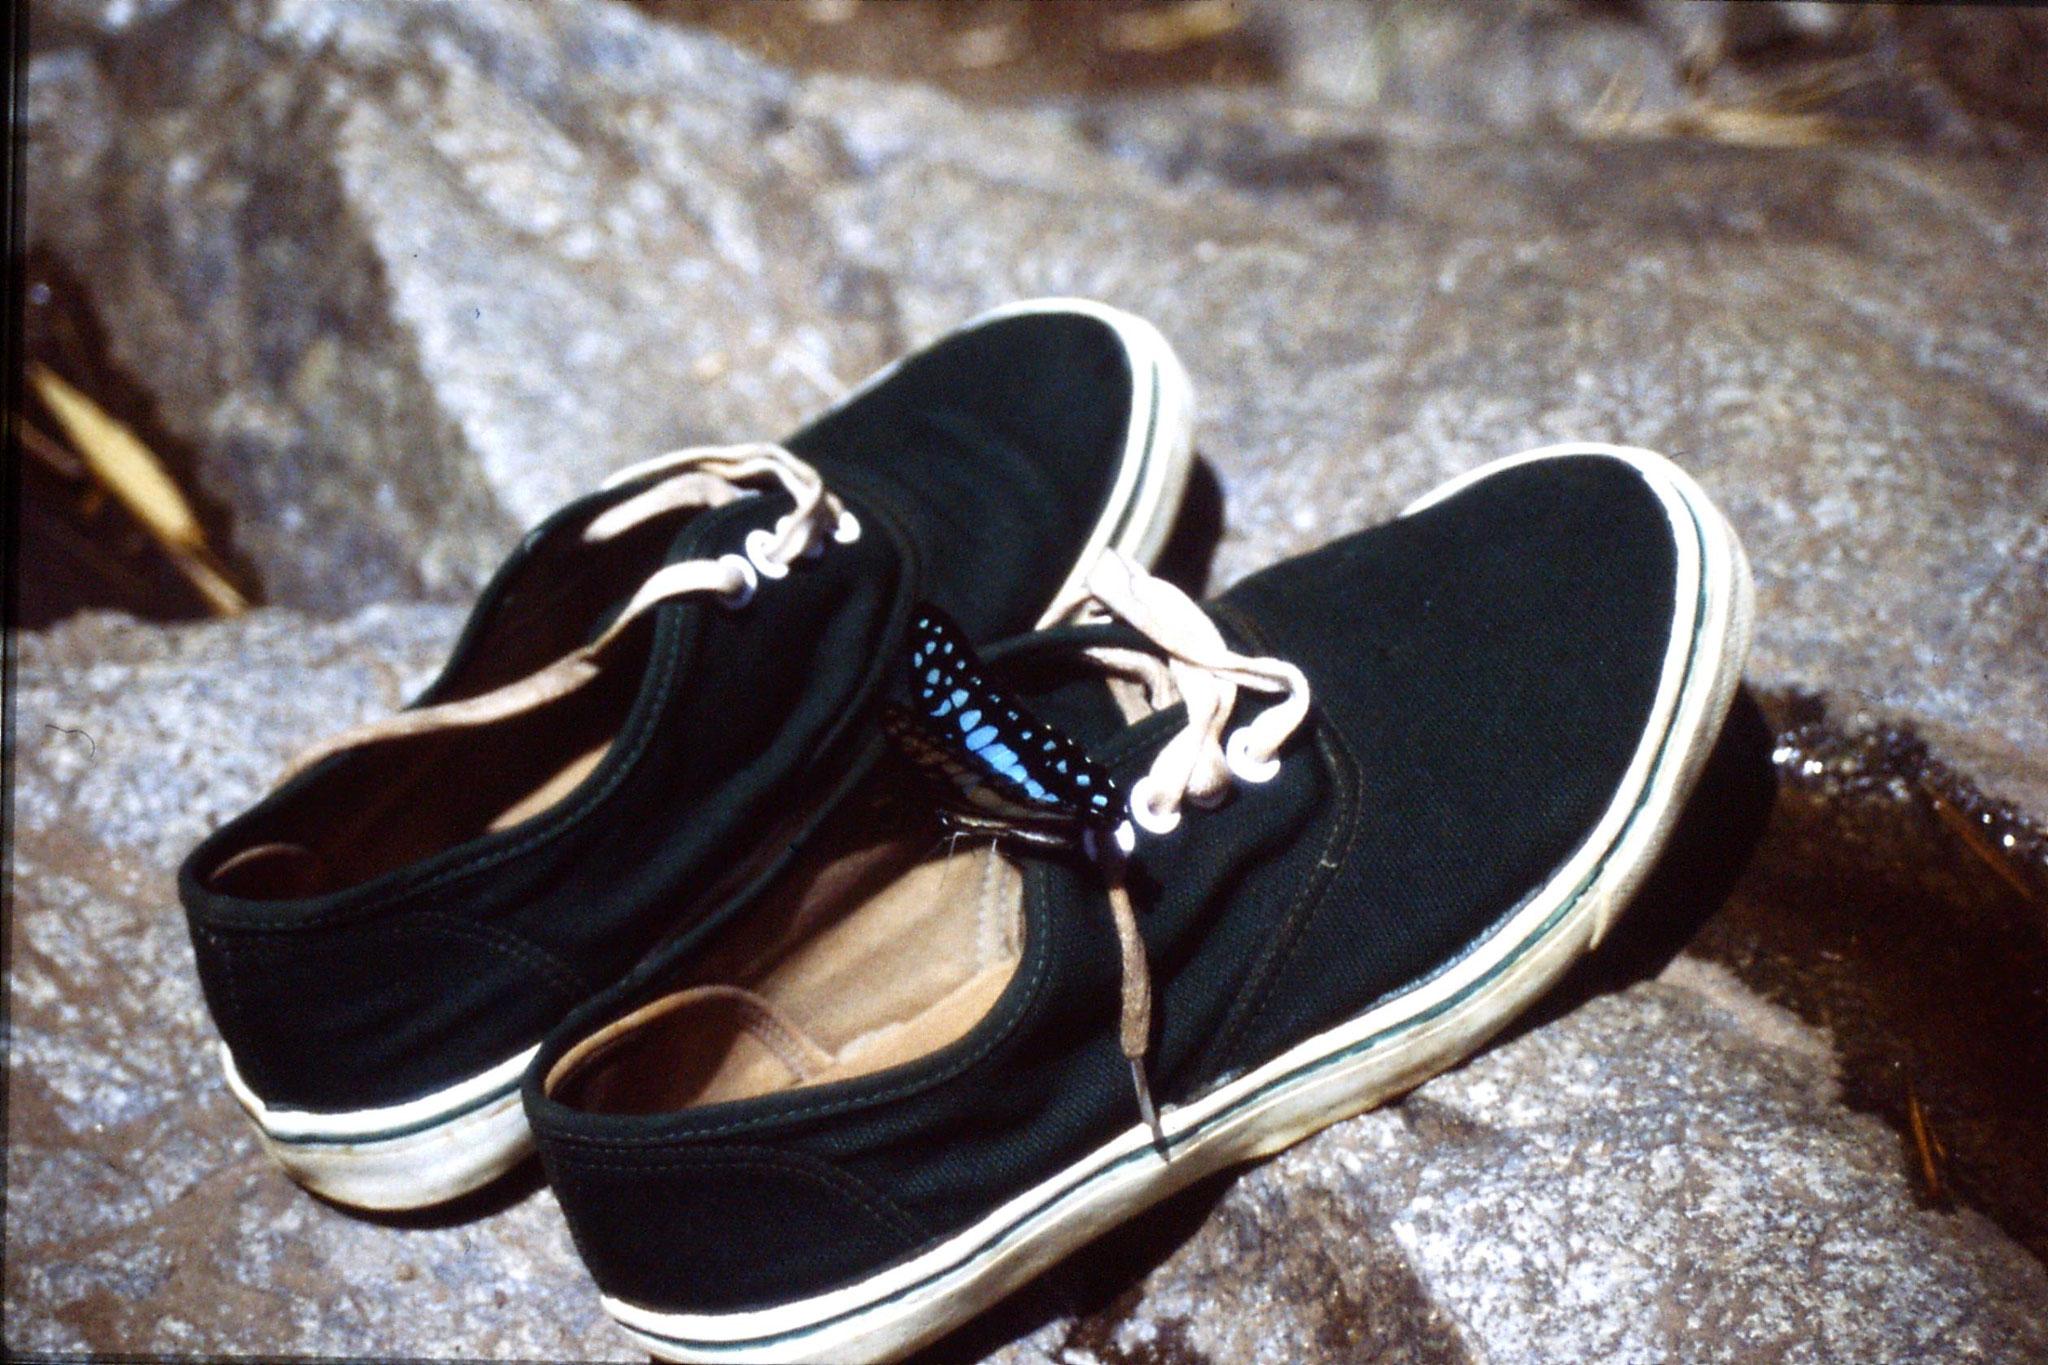 12/6/1990: 15: Trek - butterfly